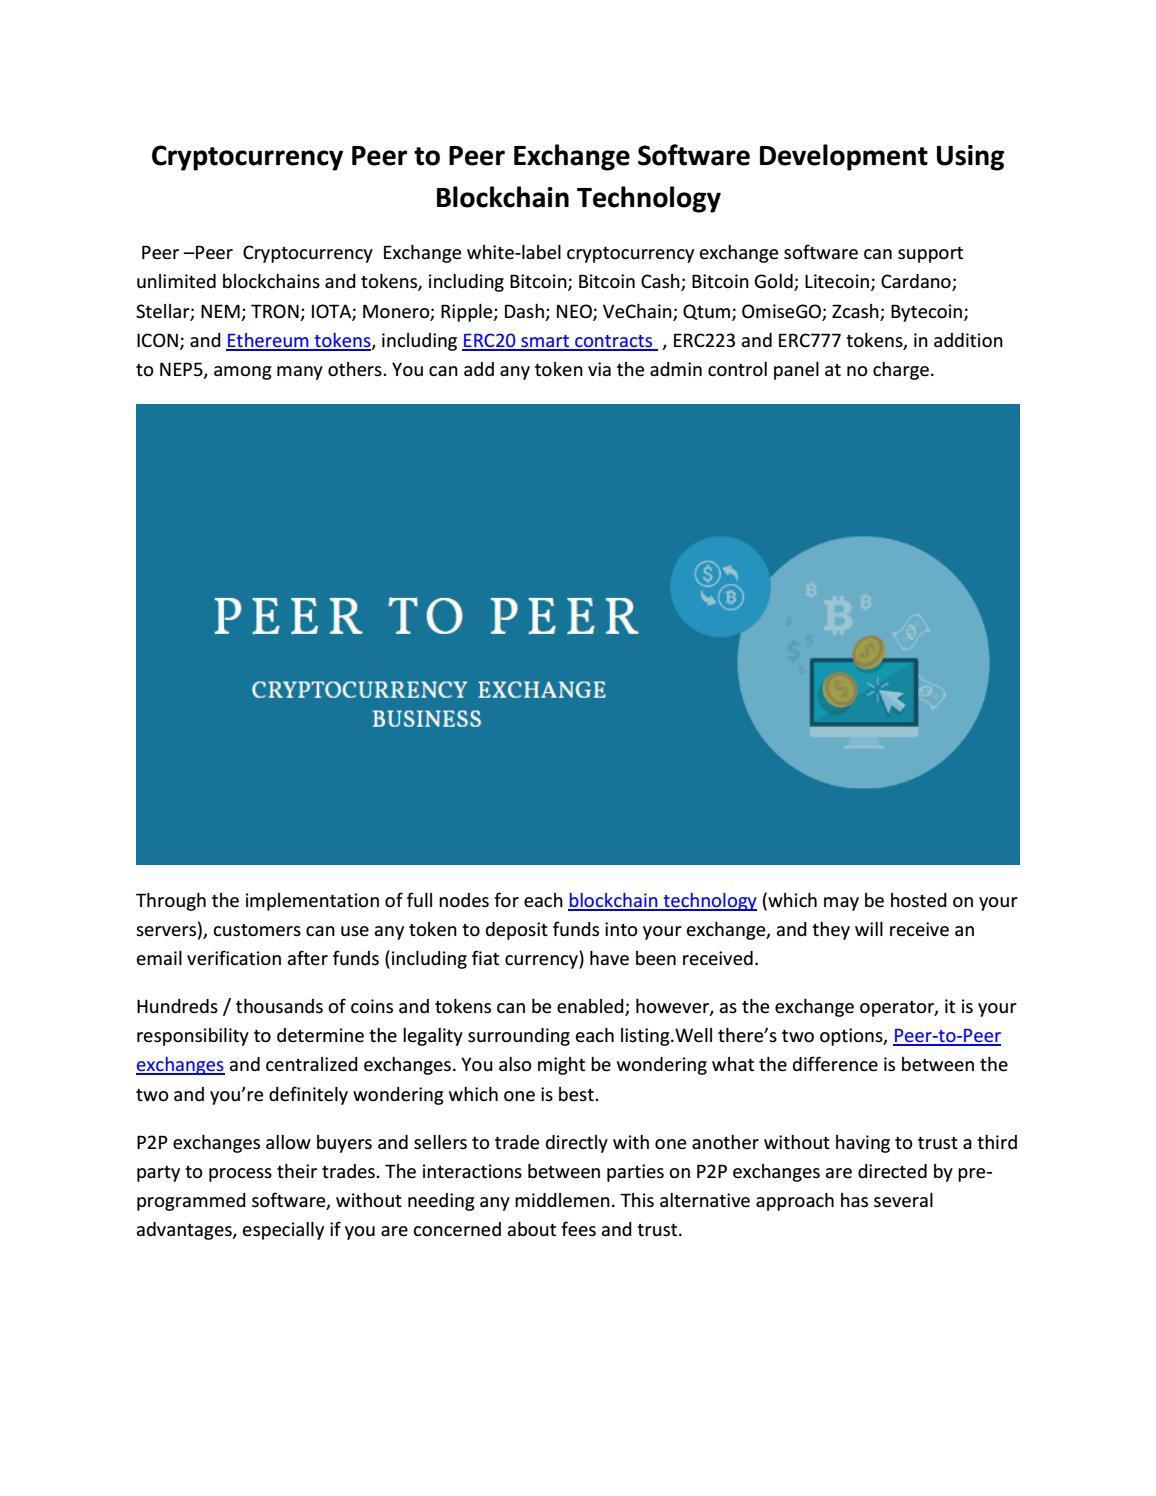 best peer to peer cryptocurrency